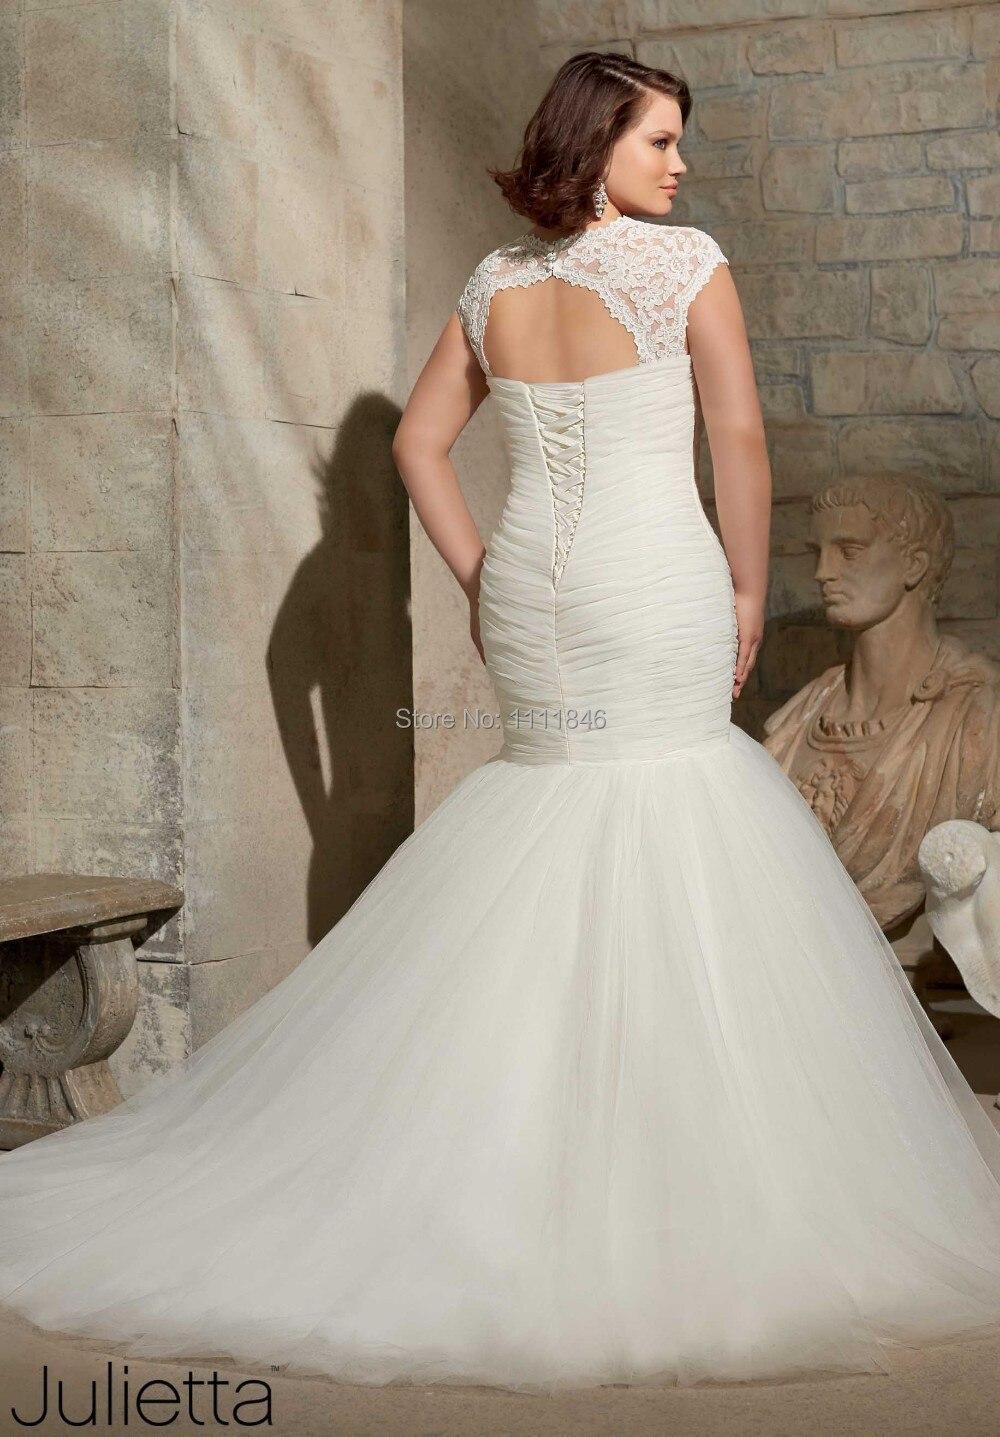 Atemberaubend Plus Size Brautkleider Mit Jacken Galerie ...